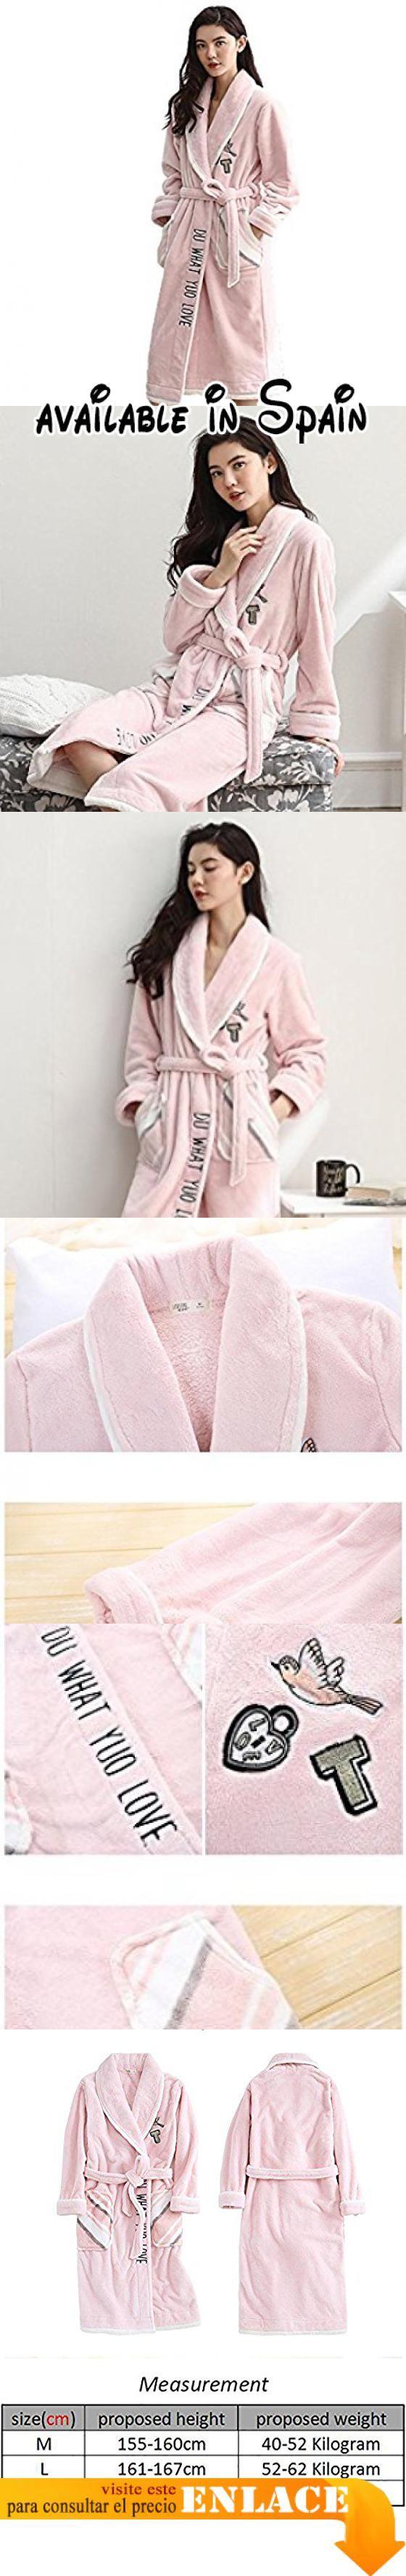 B0778TPF87 : Camisón de franela de invierno de manga larga para mujeres Kimono gruesa de albornoz suave Loungewear  Pink  m. Nuestro tamaño es diferente del tamaño del Reino Unido y la tabla de tamaño de Amazon elija el tamaño correcto con nuestra información detallada del tamaño en la imagen asegúrese de que los detalles le sientan bien;. Característica: el precioso camisón de franela tiene un tacto muy suave y es ideal para descansar en la casa;. Manga larga